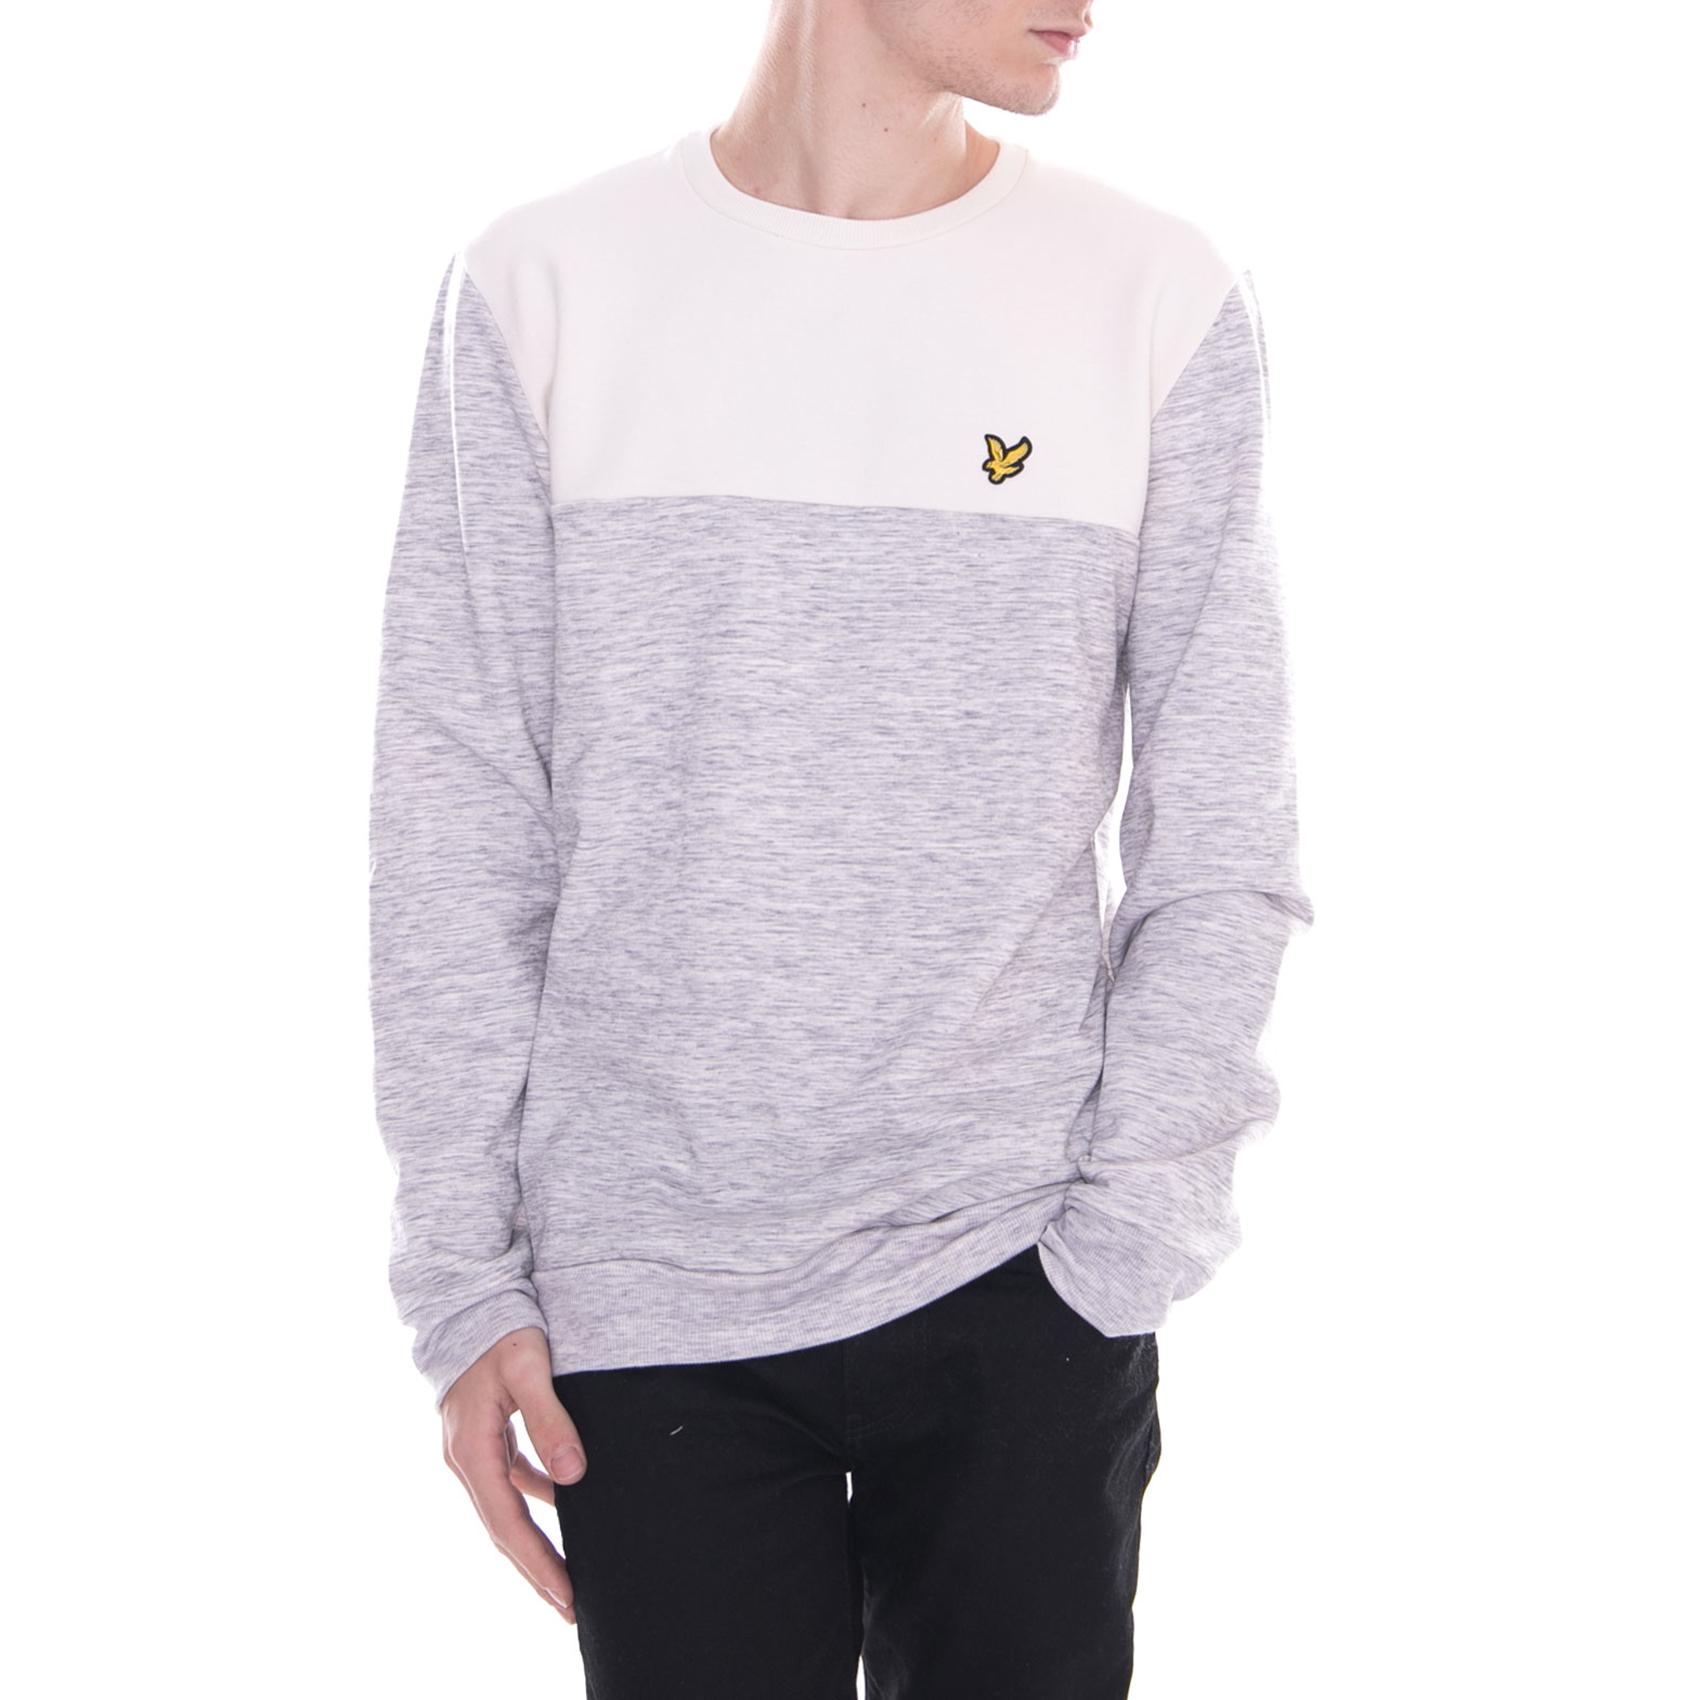 Lyle & Scott Felpe Space Dye Sweatshirt Seashell bianca Bianco